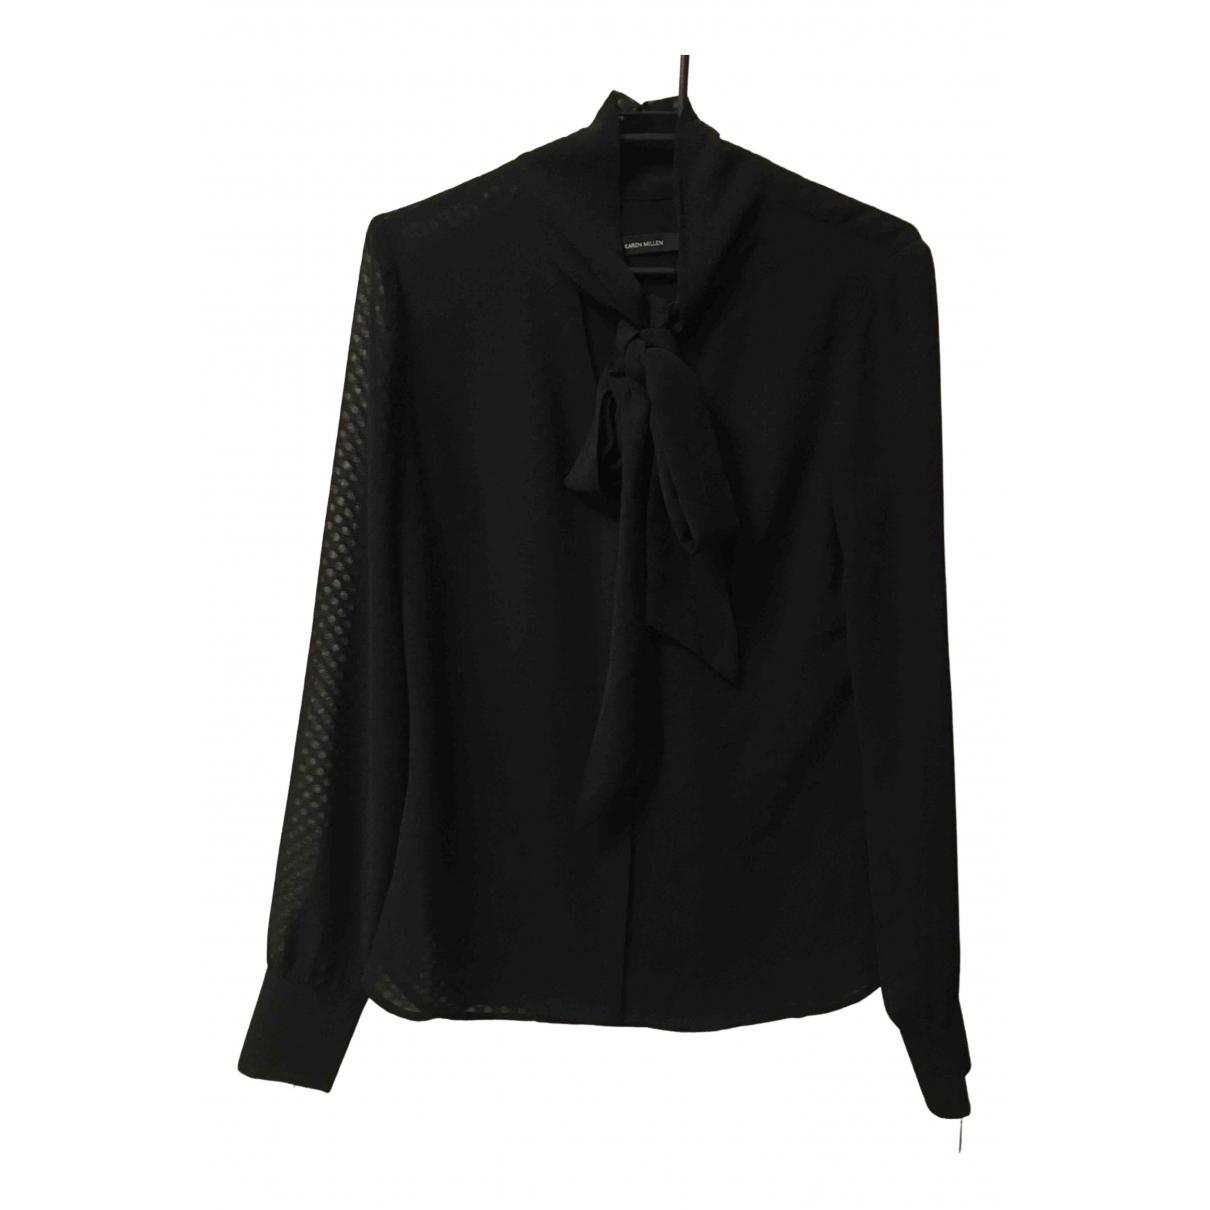 Karen Millen \N Black  top for Women 8 UK